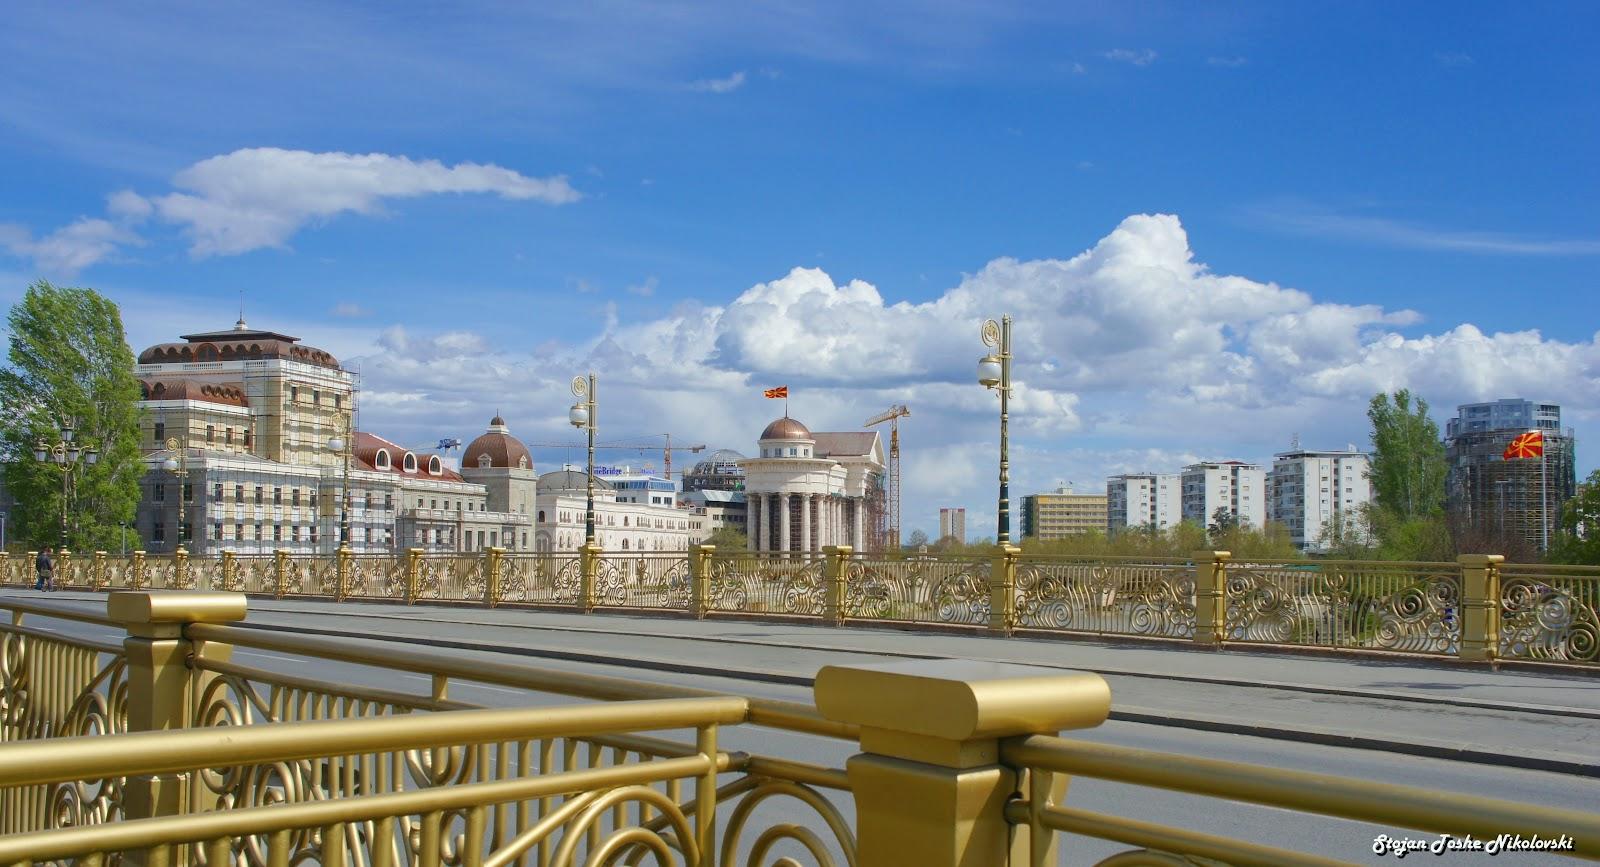 """Makedoniens Hauptstadt Skopje """"Die wiedererwachte Perle des Balkan"""" - Tourismus in Mazedonien"""